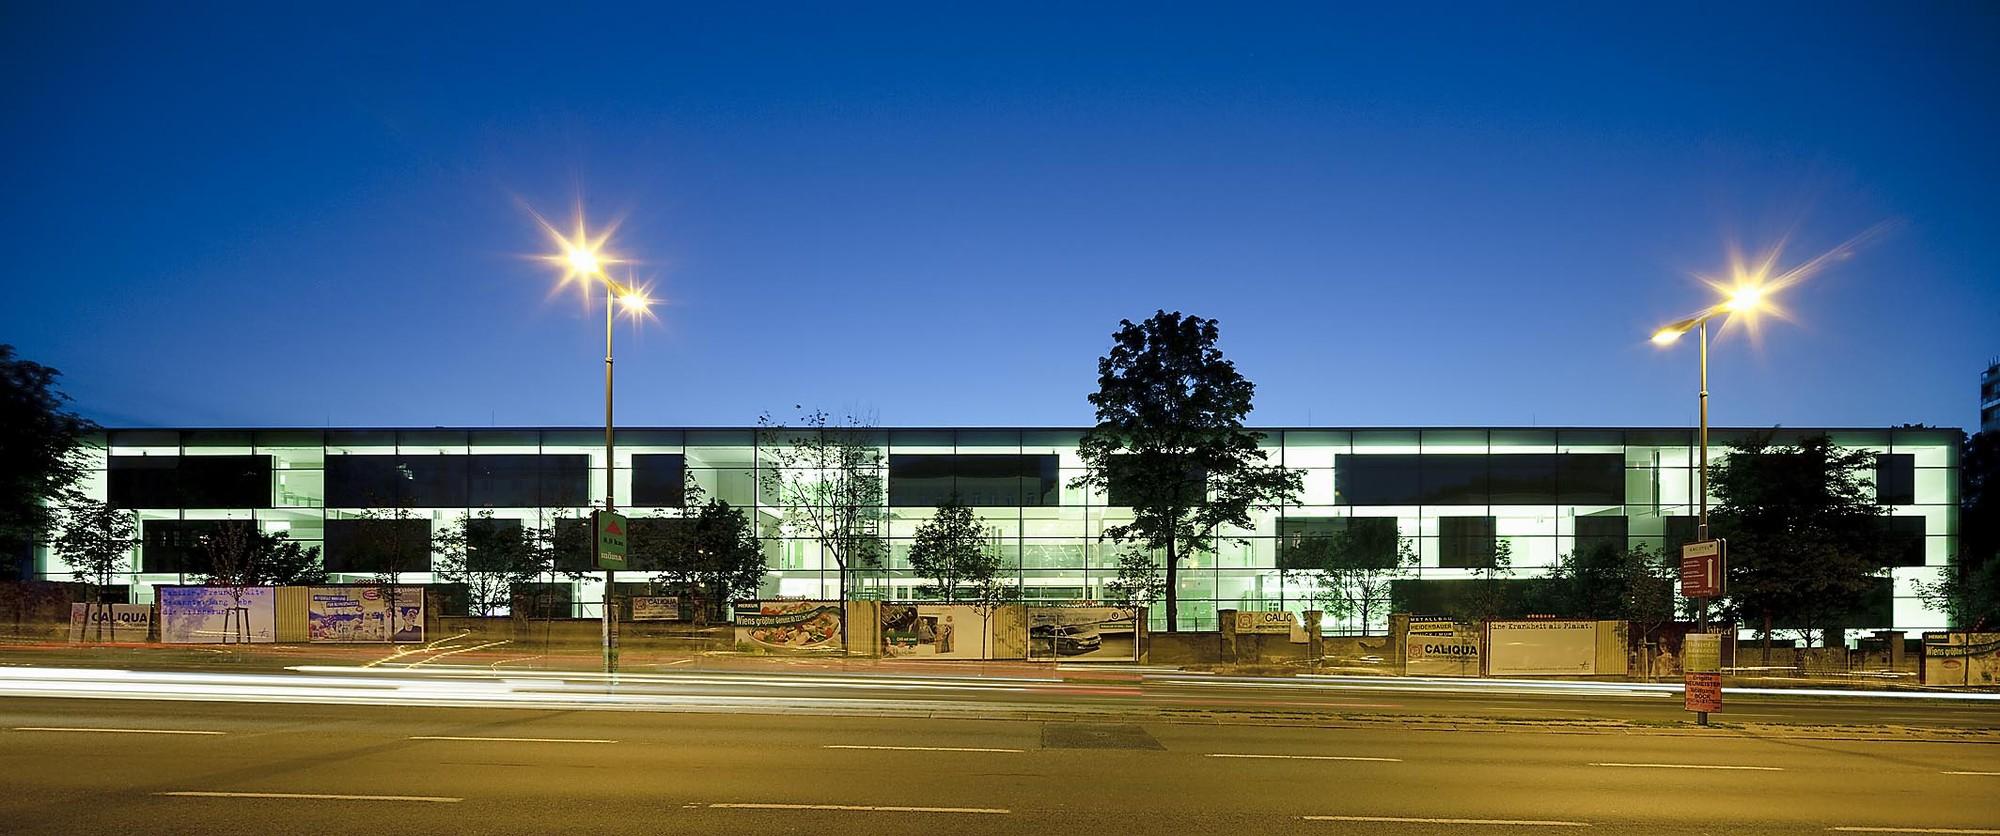 School of Nursing in the Kaiser Franz Joseph Hospital / lichtblau.wagner architekten, © Rupert Steiner